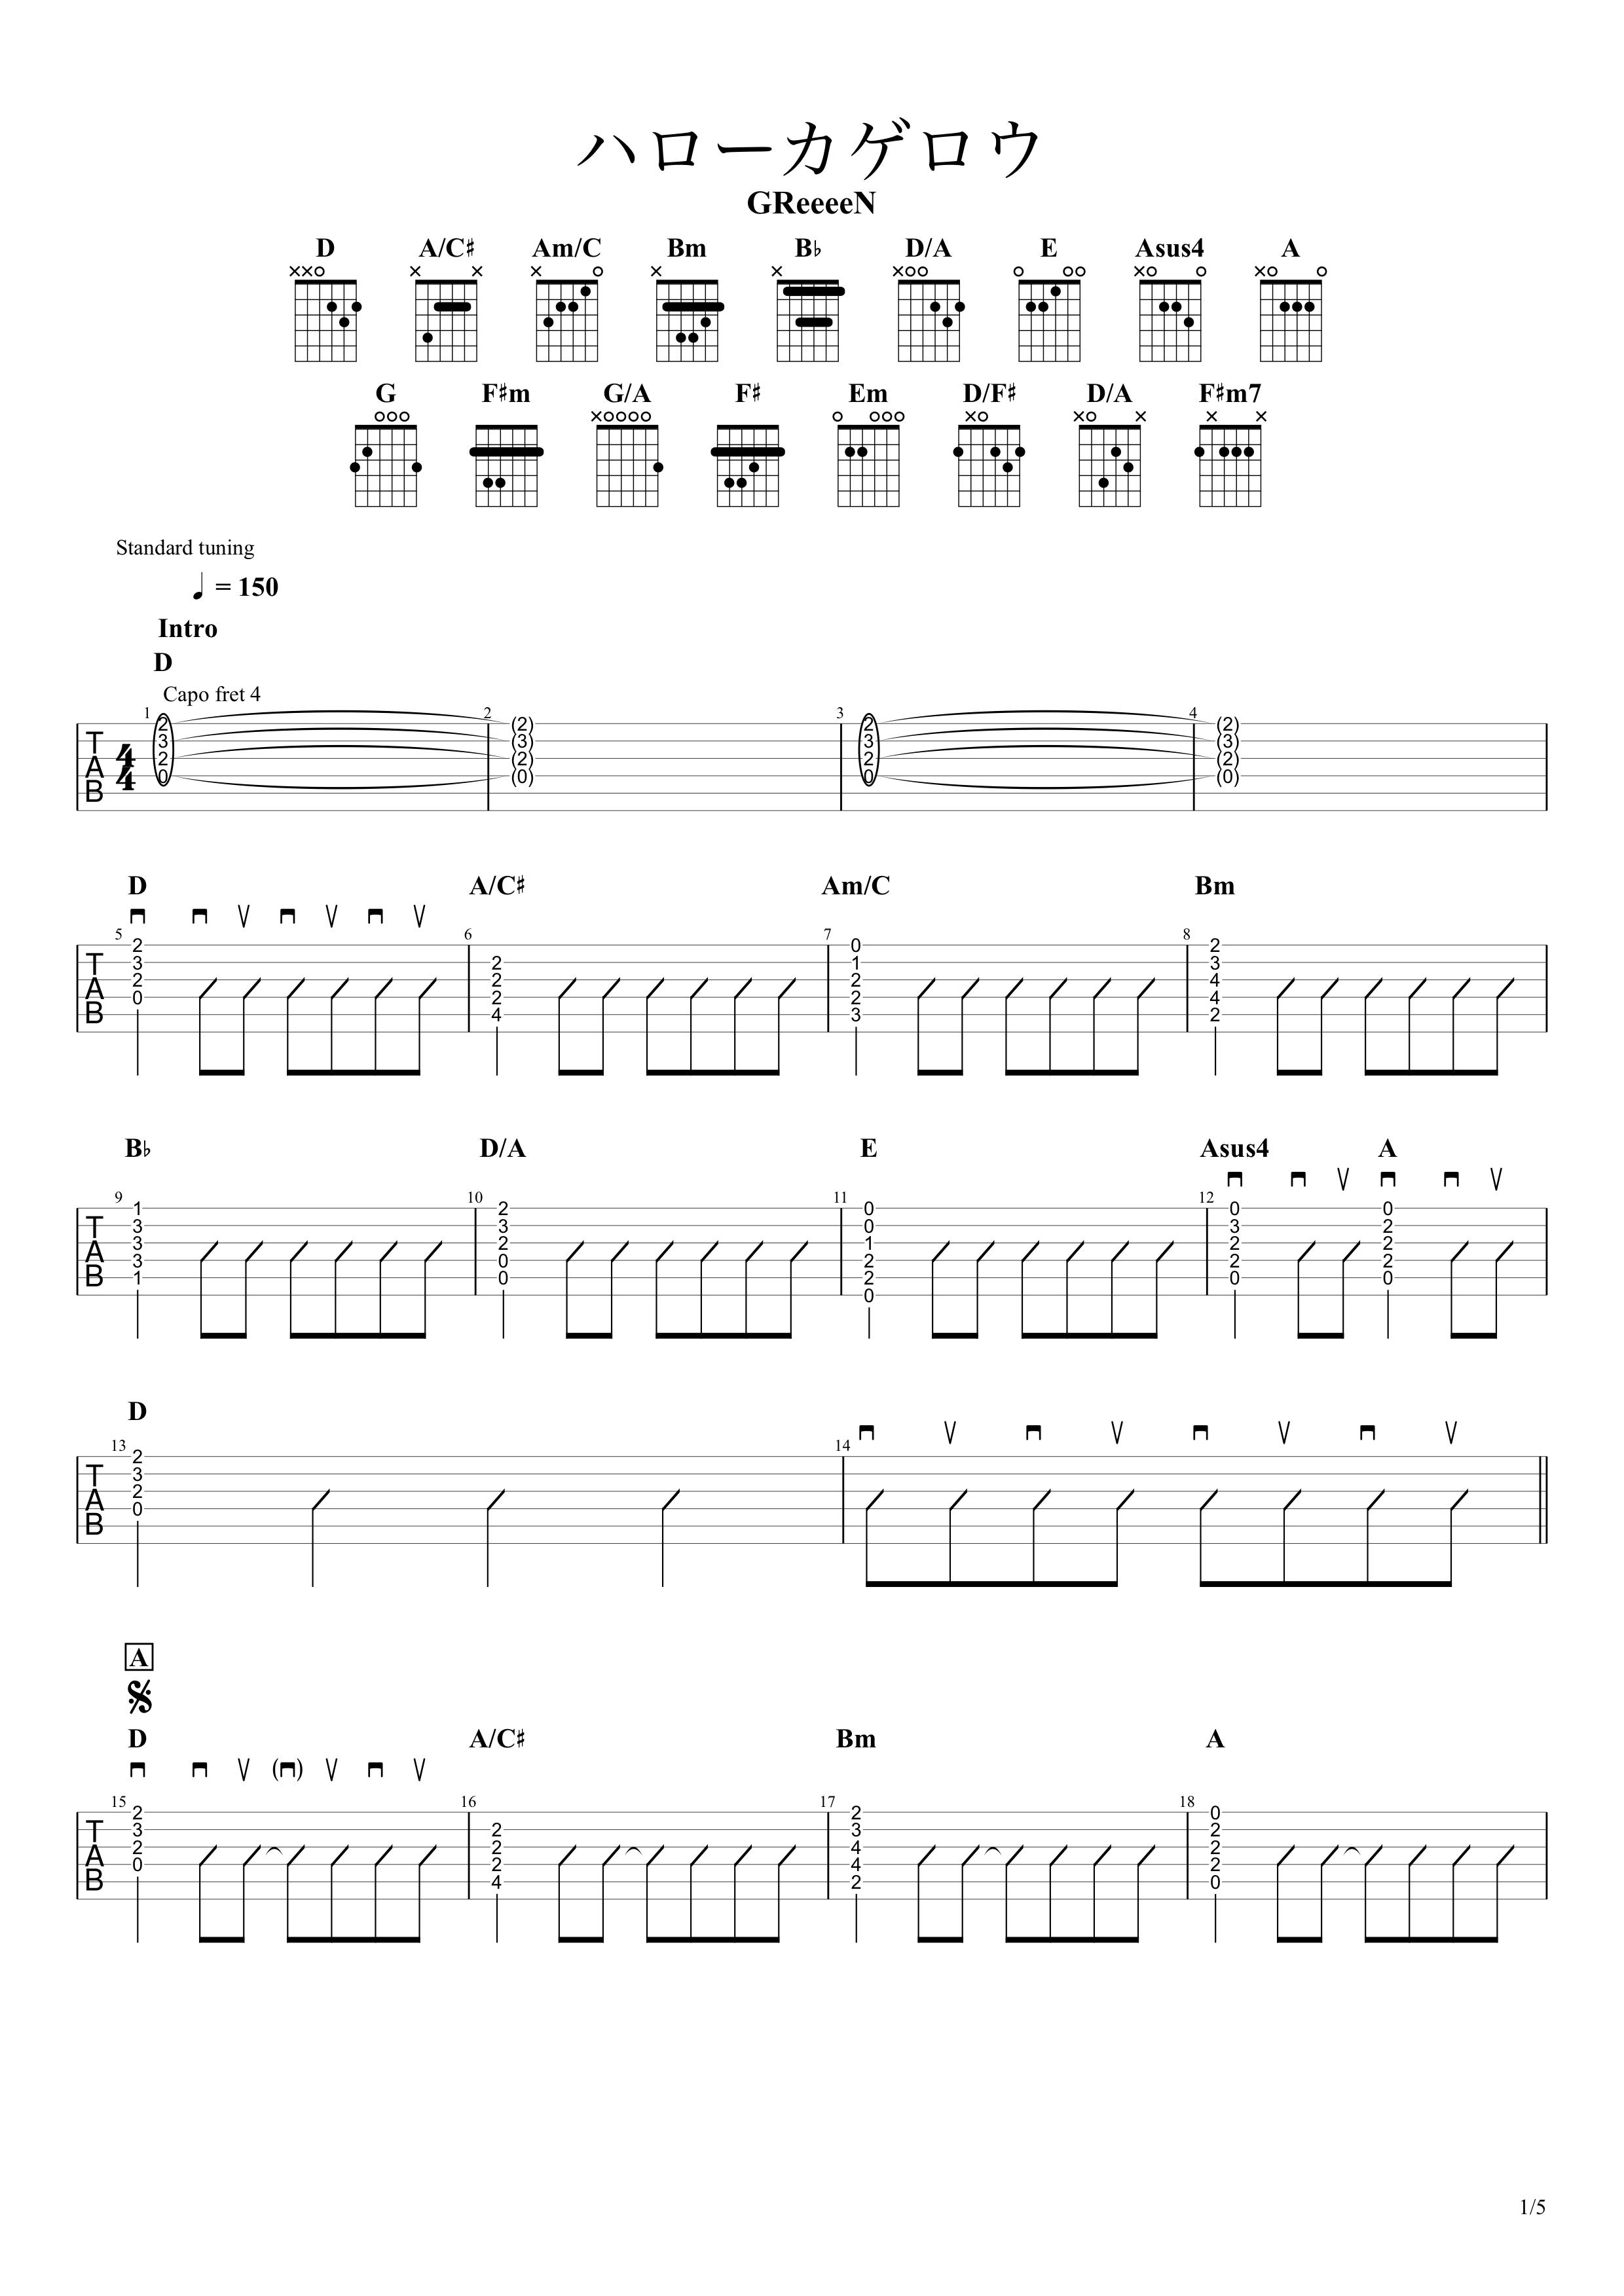 ハローカゲロウ/GReeeeN ギタータブ譜 カポ途中で変えるちょい簡単コードVer.01